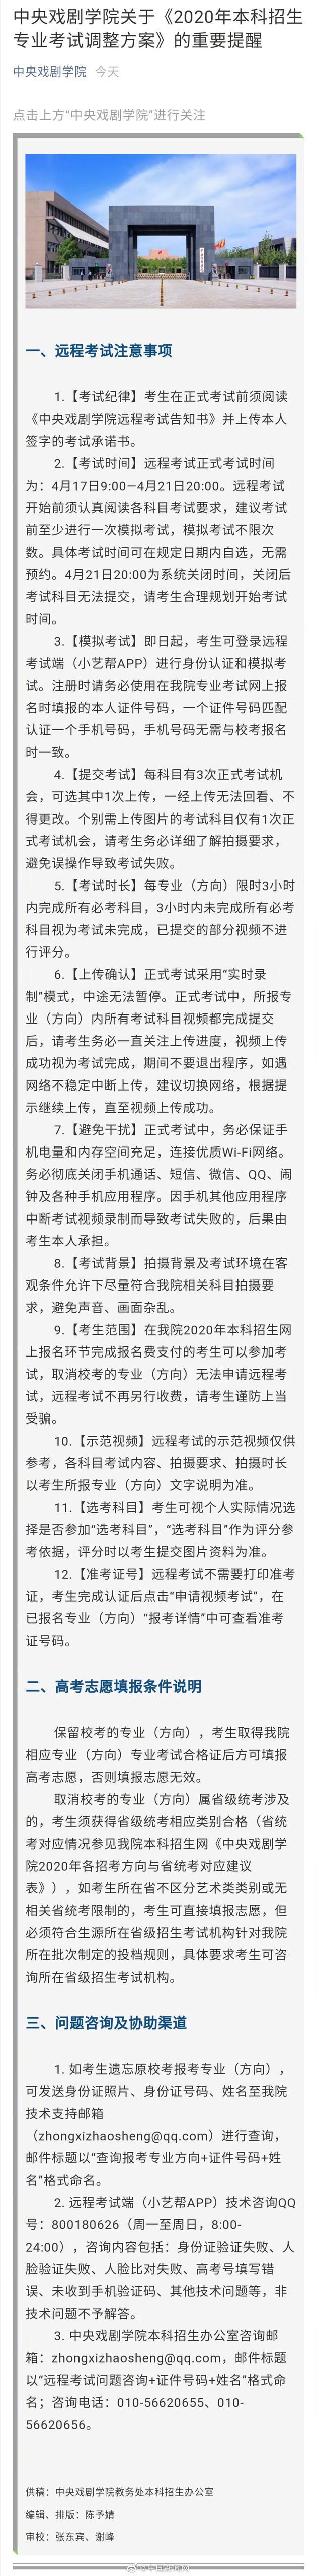 """中央戏剧学院4月15日发布""""重要提醒"""""""